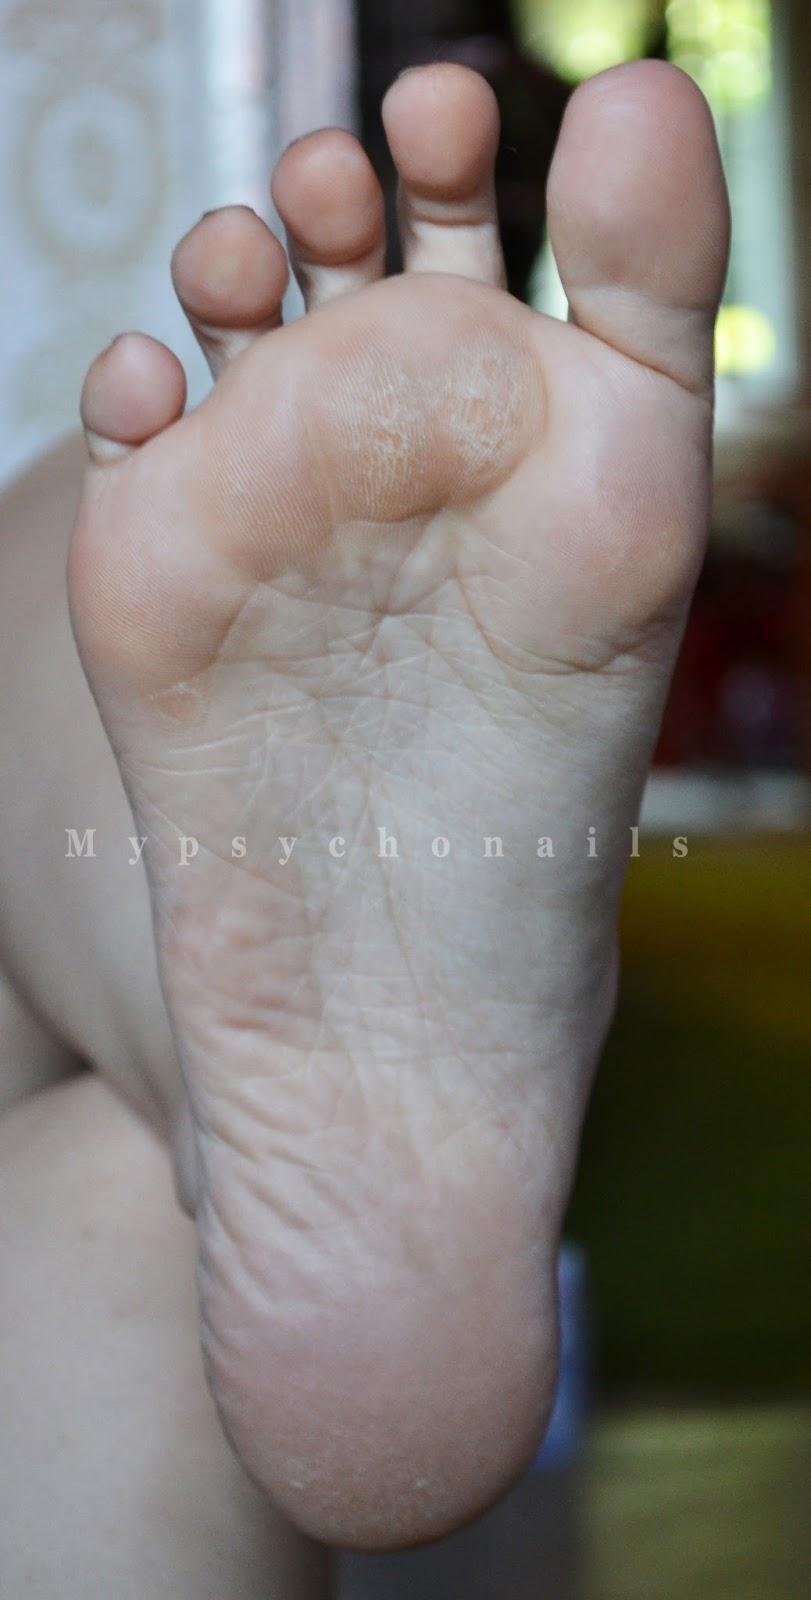 varicoză pe picioarele mele la cine să contacteze